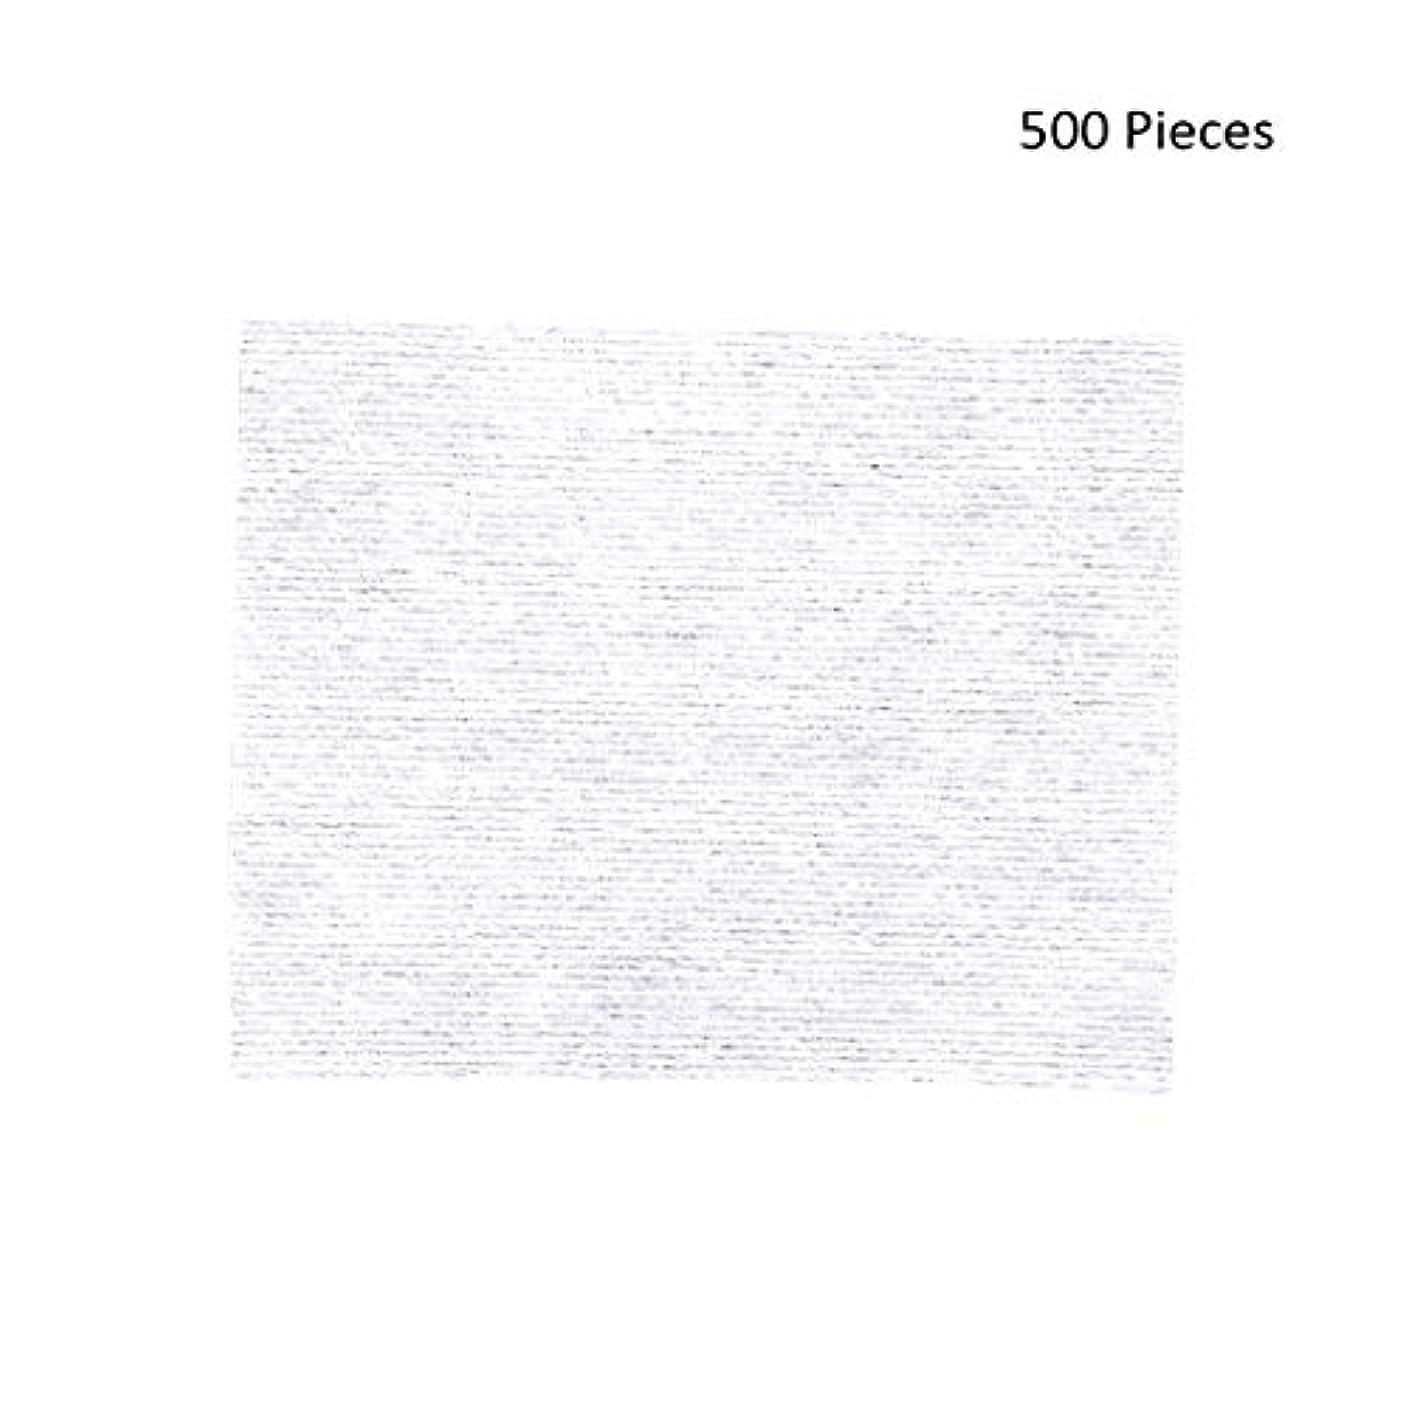 サミット召喚するドライブ化粧パッド 500ピース化粧拭きコットンパッドメイク落としパッドソフトパッド化粧品フェイスマスククレンジングケアフェイシャルナプキンコットン メイク落とし化粧パッド (Color : White, サイズ : 6*5cm)